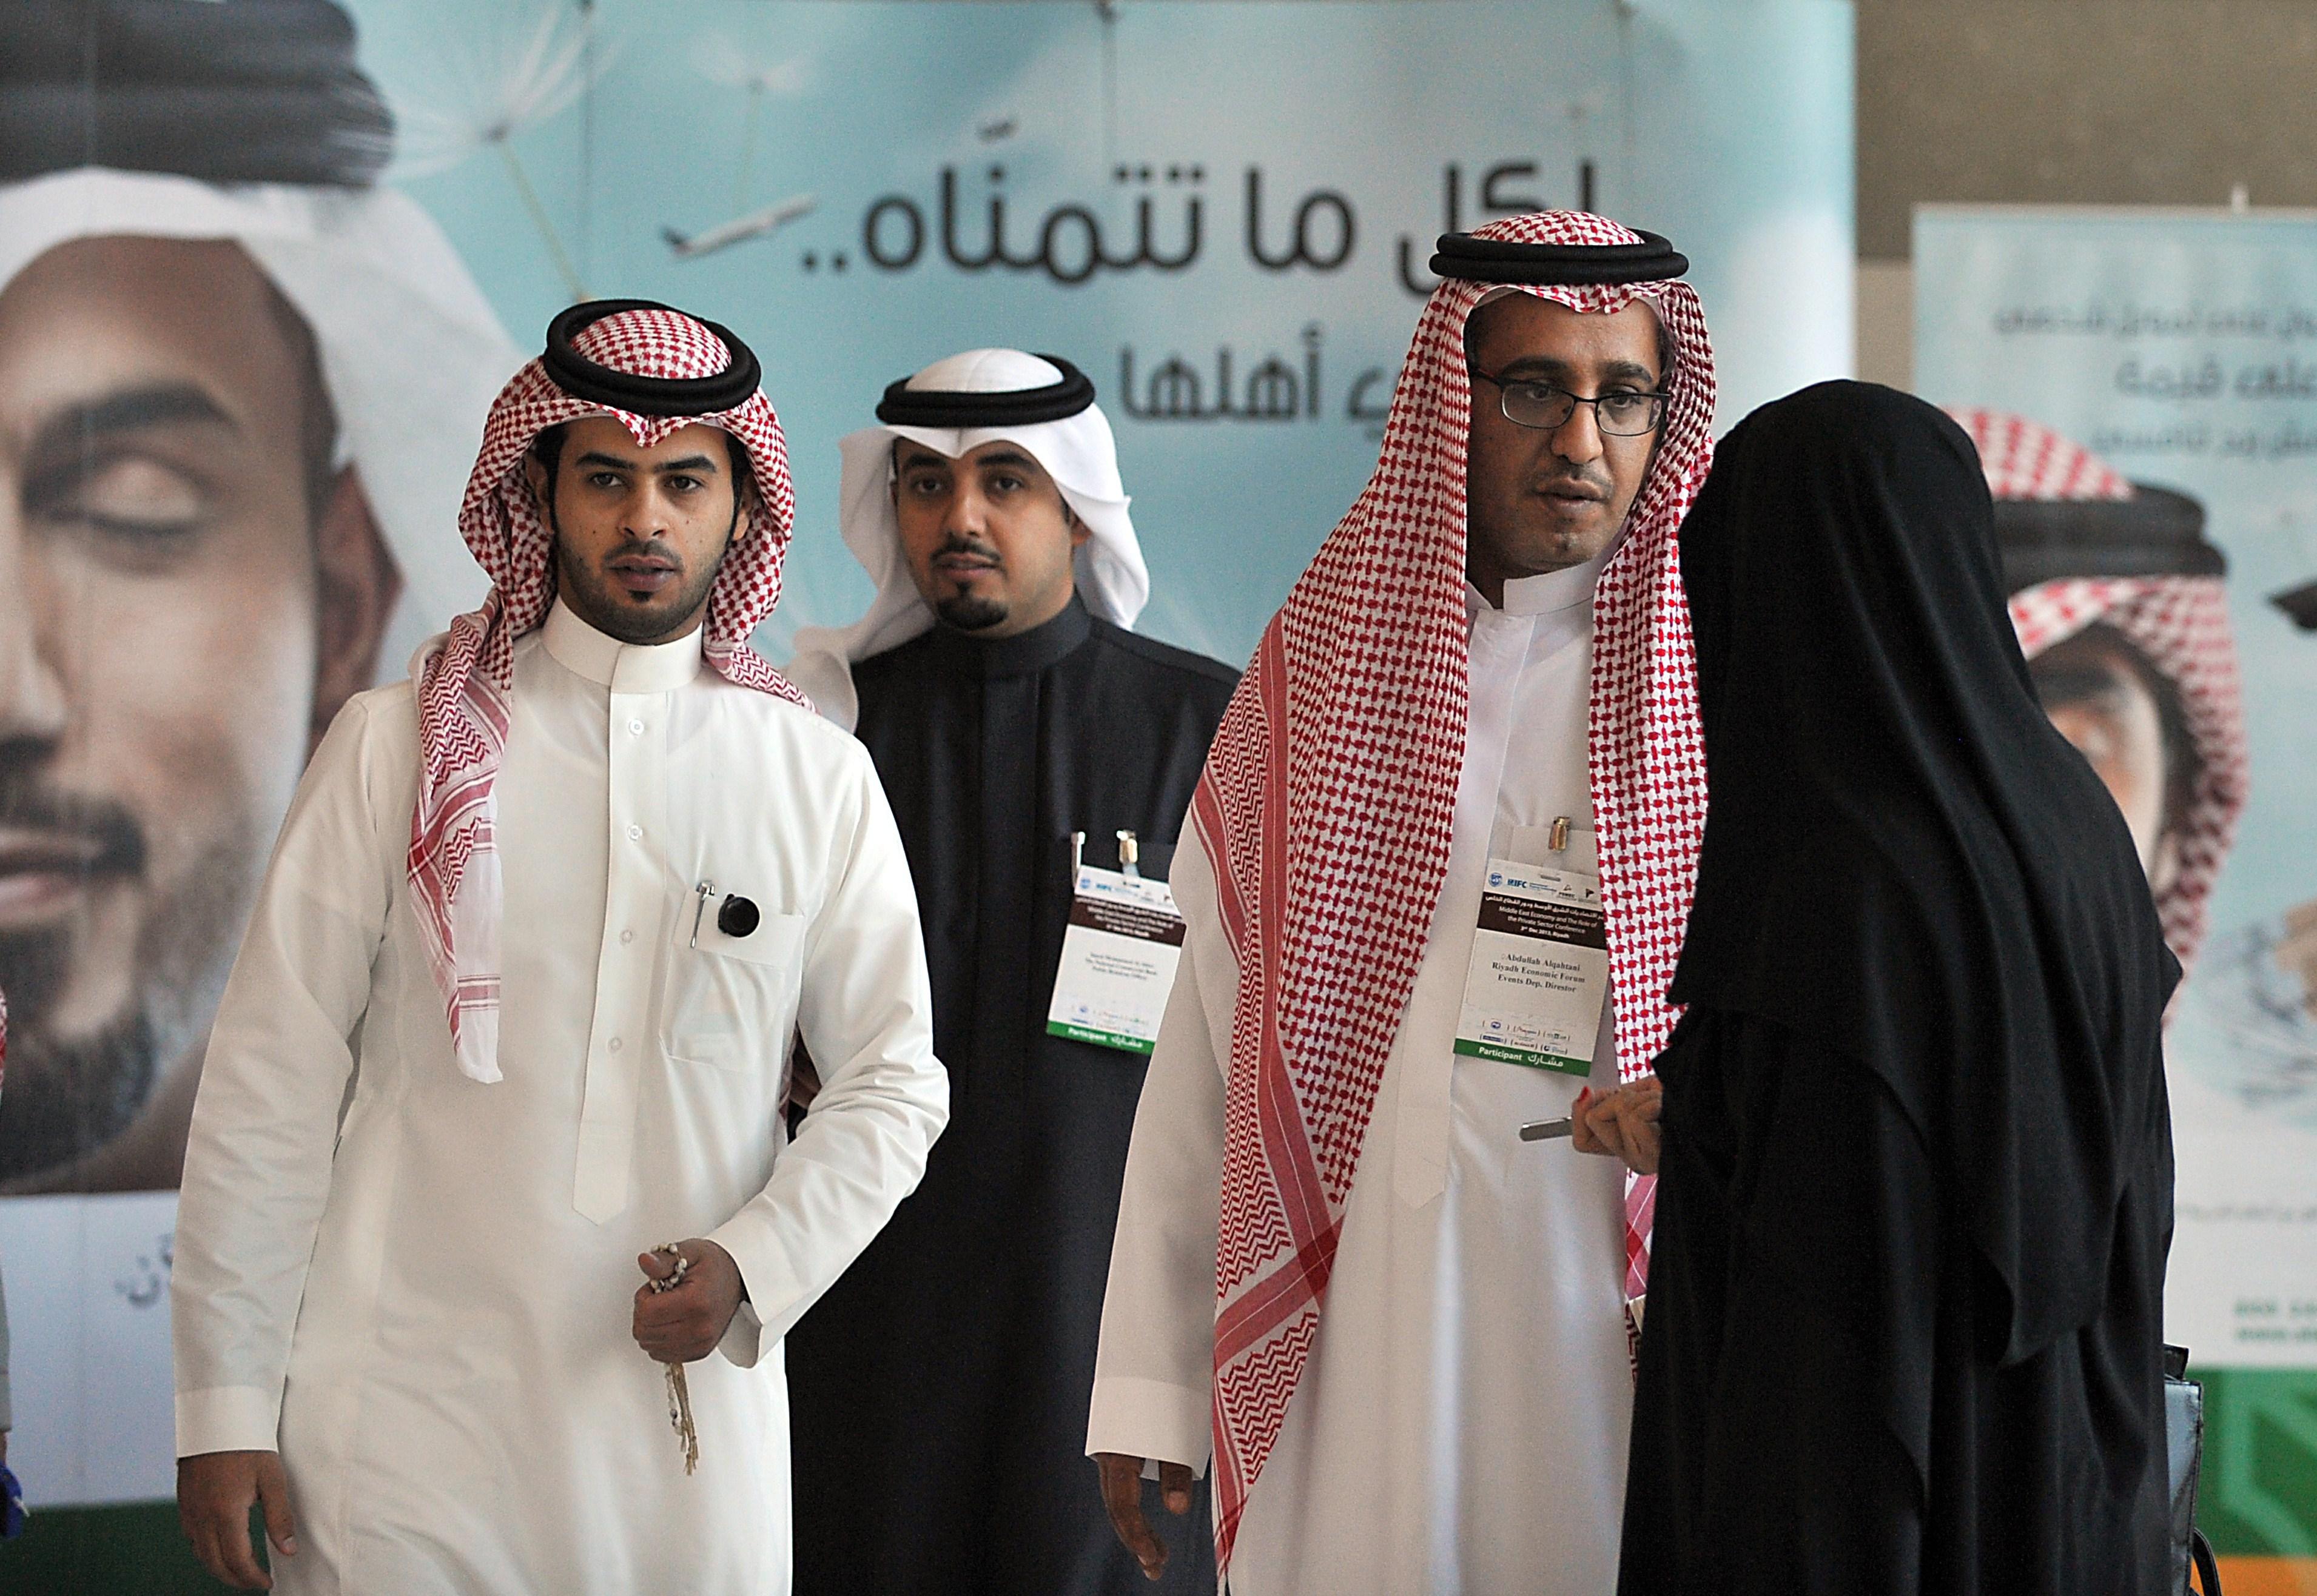 في ظل رؤية 2030.. تعرّف على أحدث المزايا التي تقدمها السعودية لرواد الأعمال - CNNArabic.com